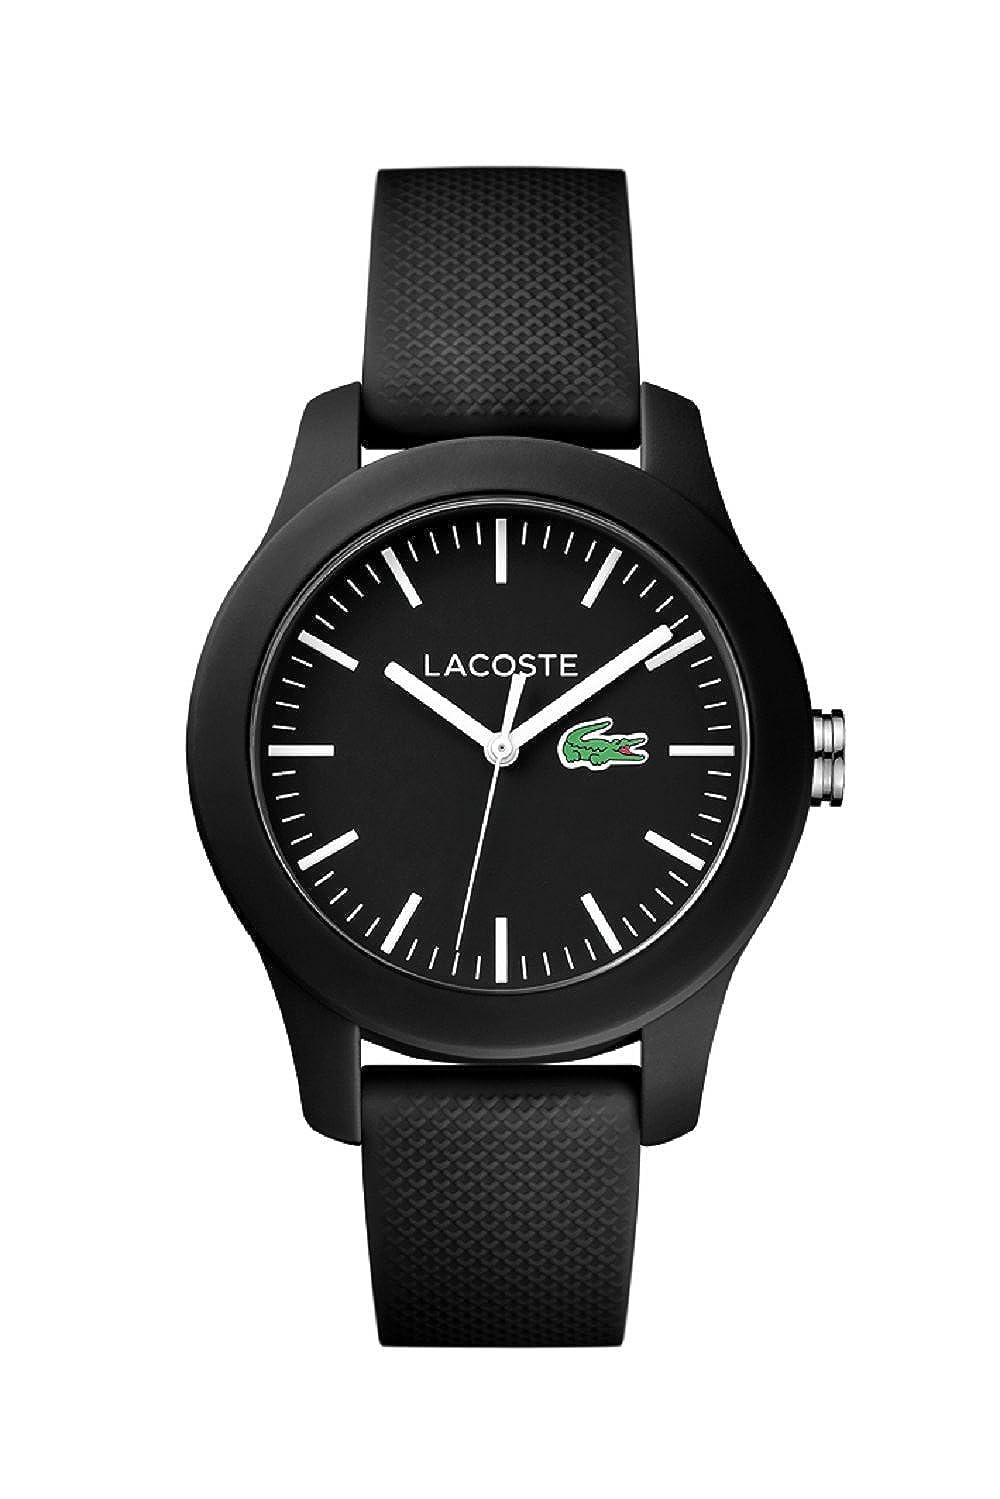 2000956 ユニセックス腕時計 B01KR472TK